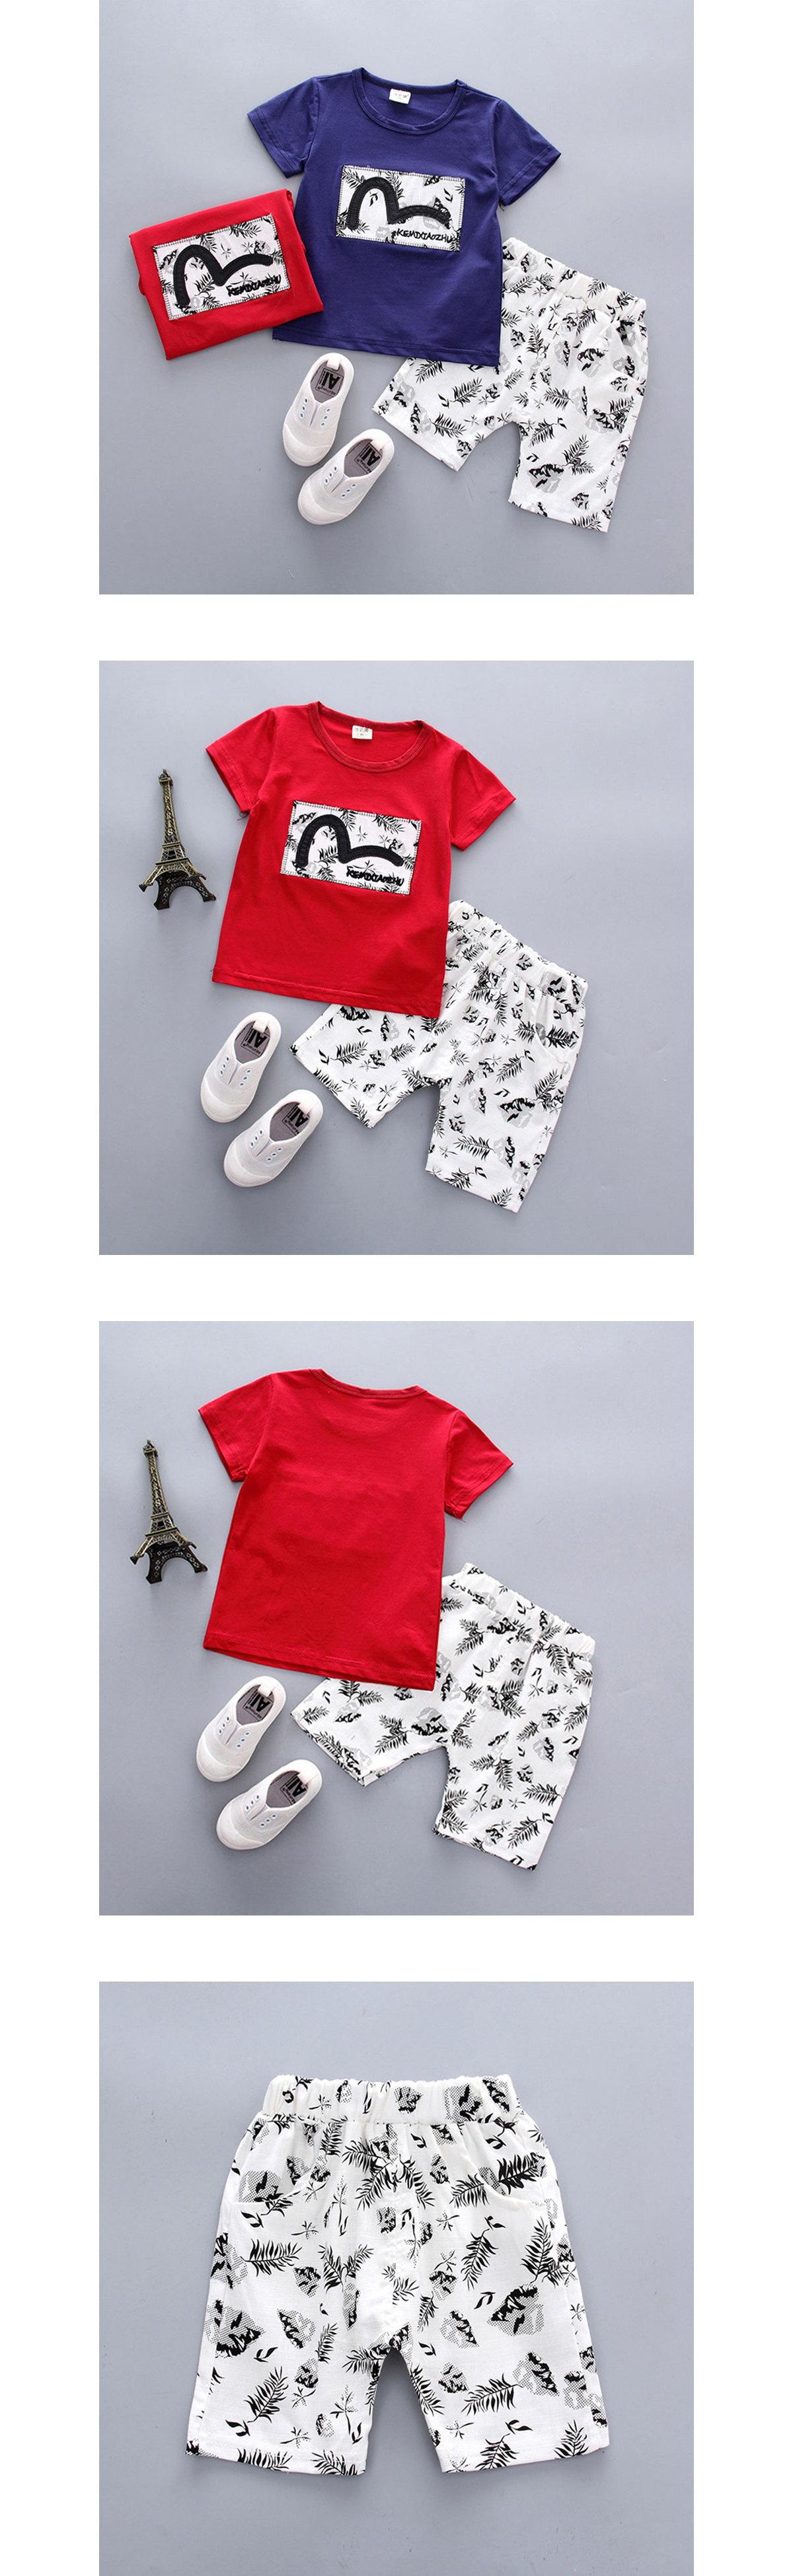 套裝.植物樹葉印花短袖兩件組.童裝